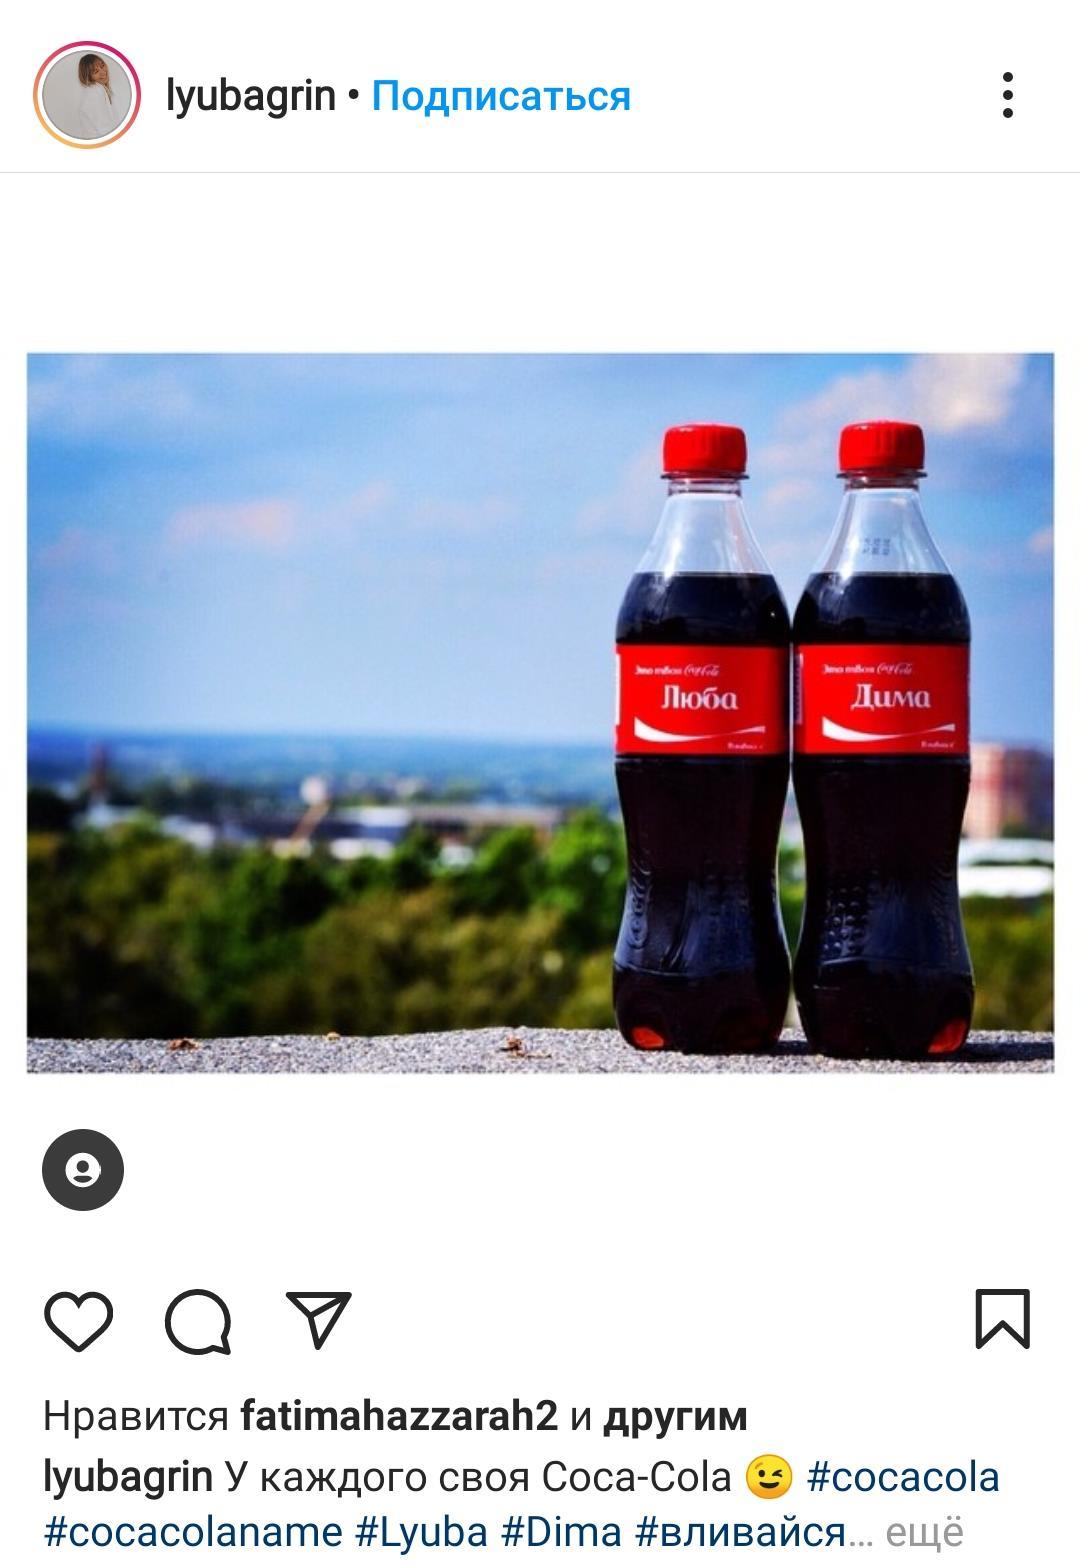 Пример UGC-кампании от Coca-Cola